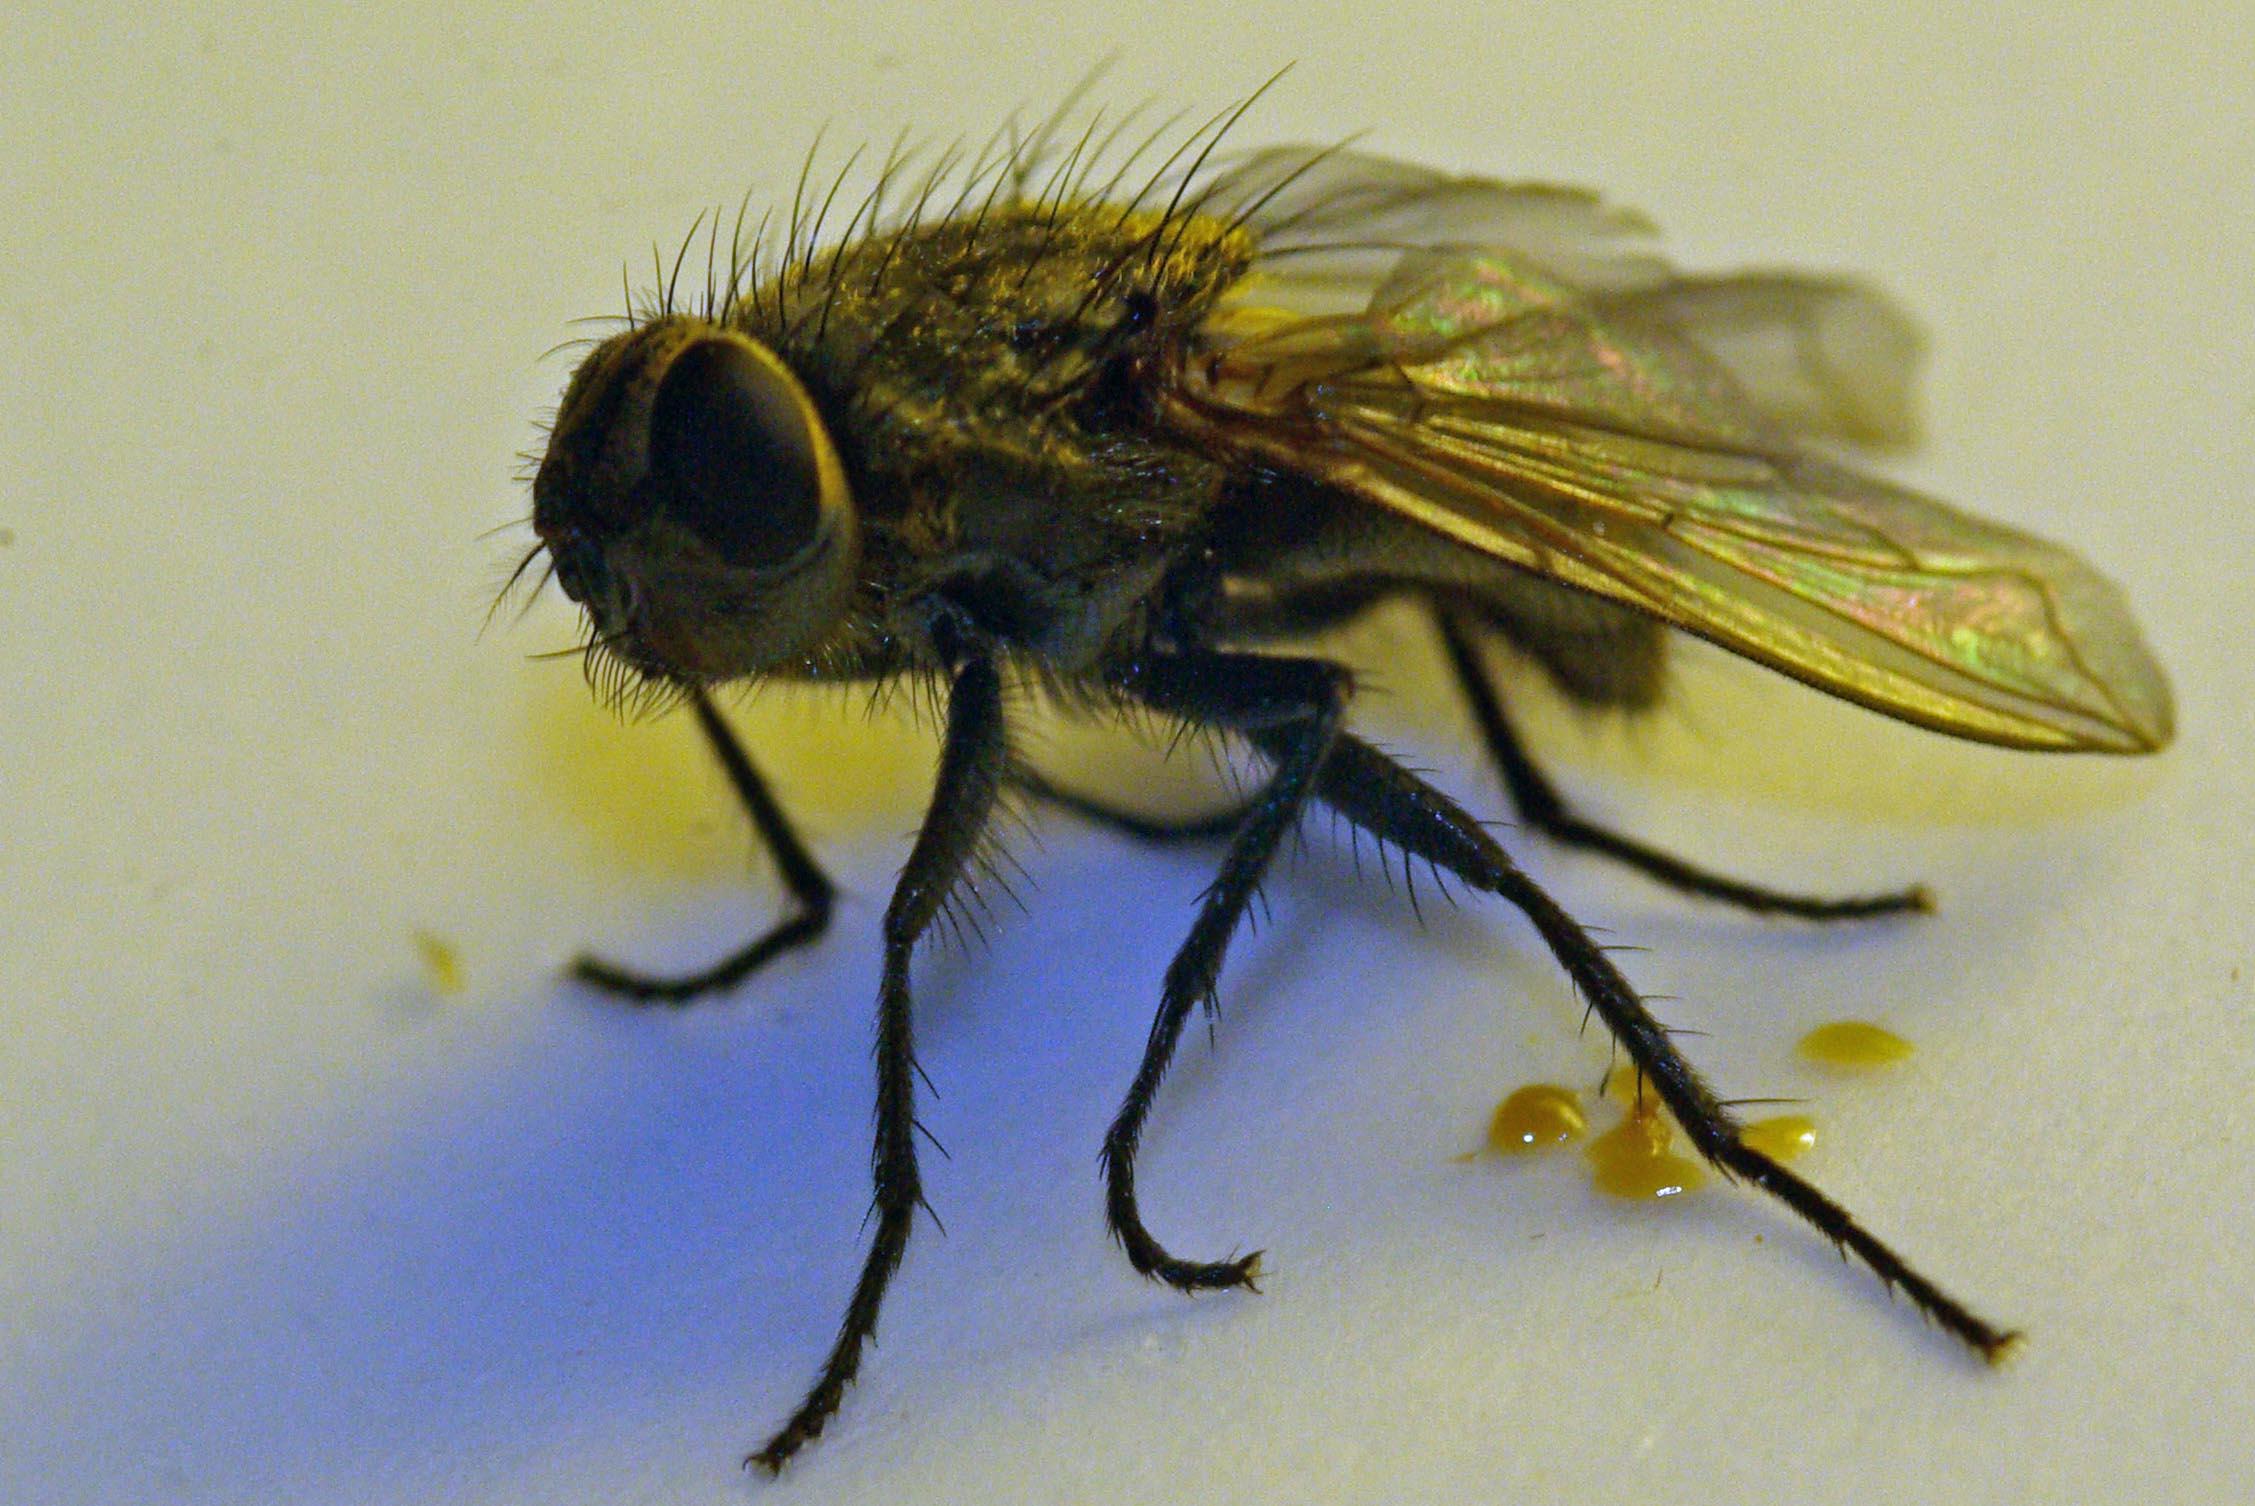 des mouches dans la maison